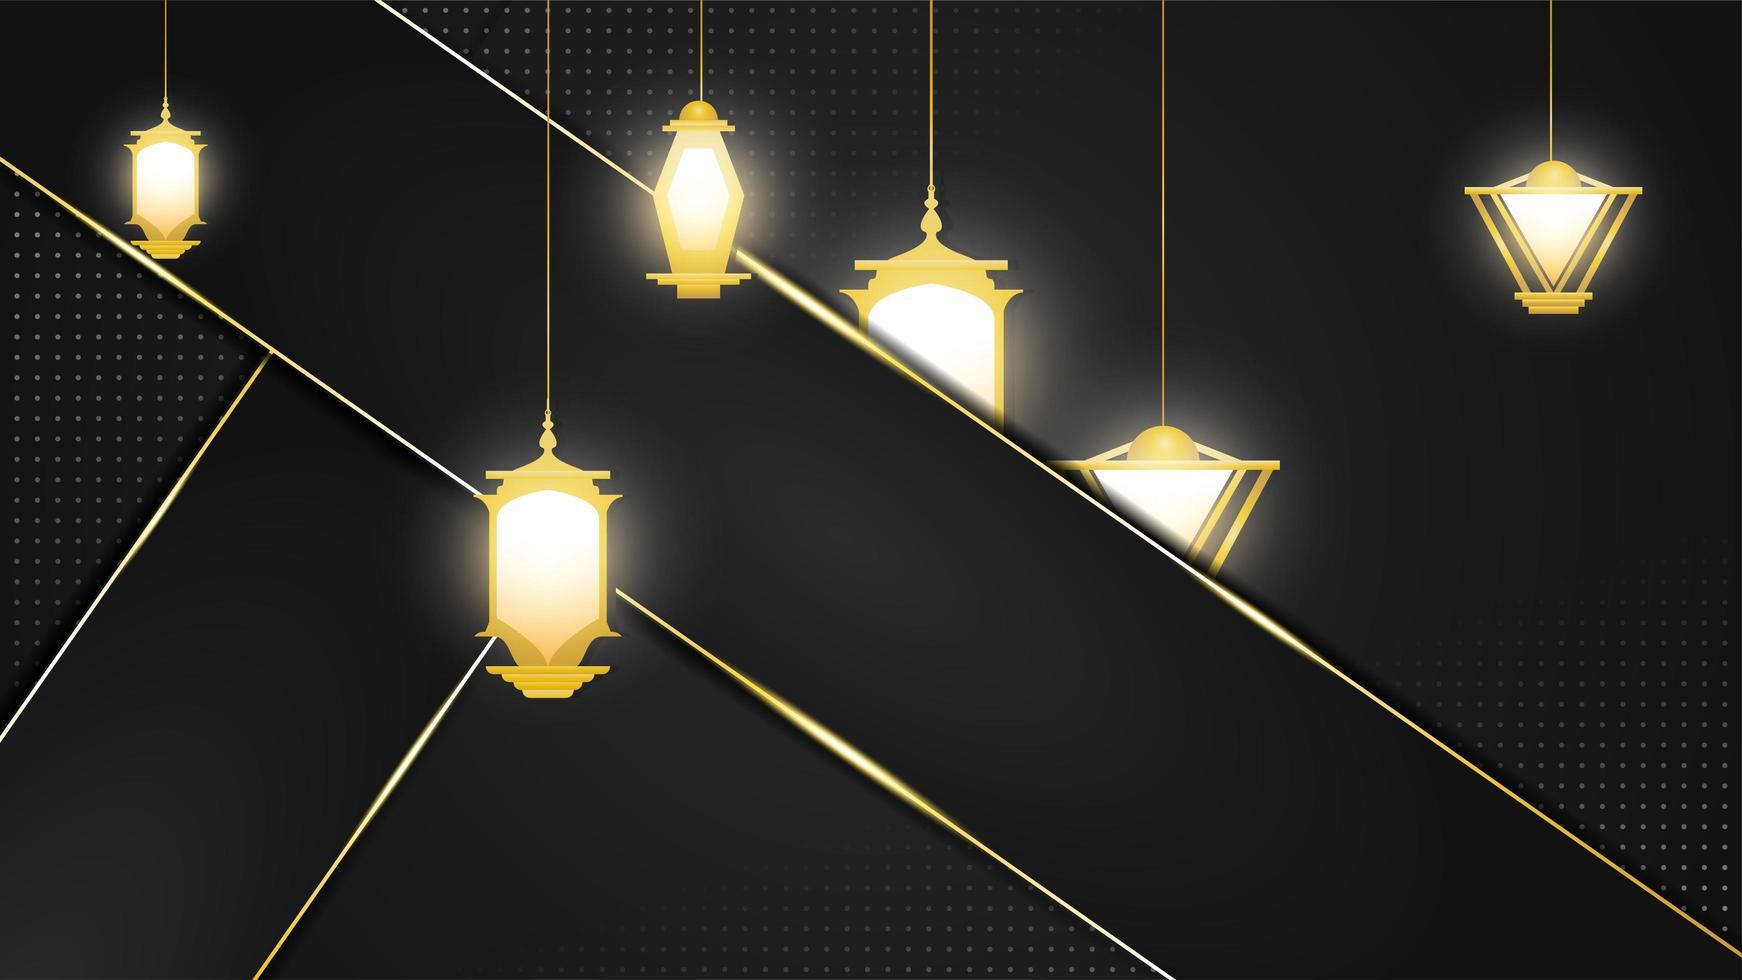 fundo preto e dourado com camadas e lanternas árabes vetor